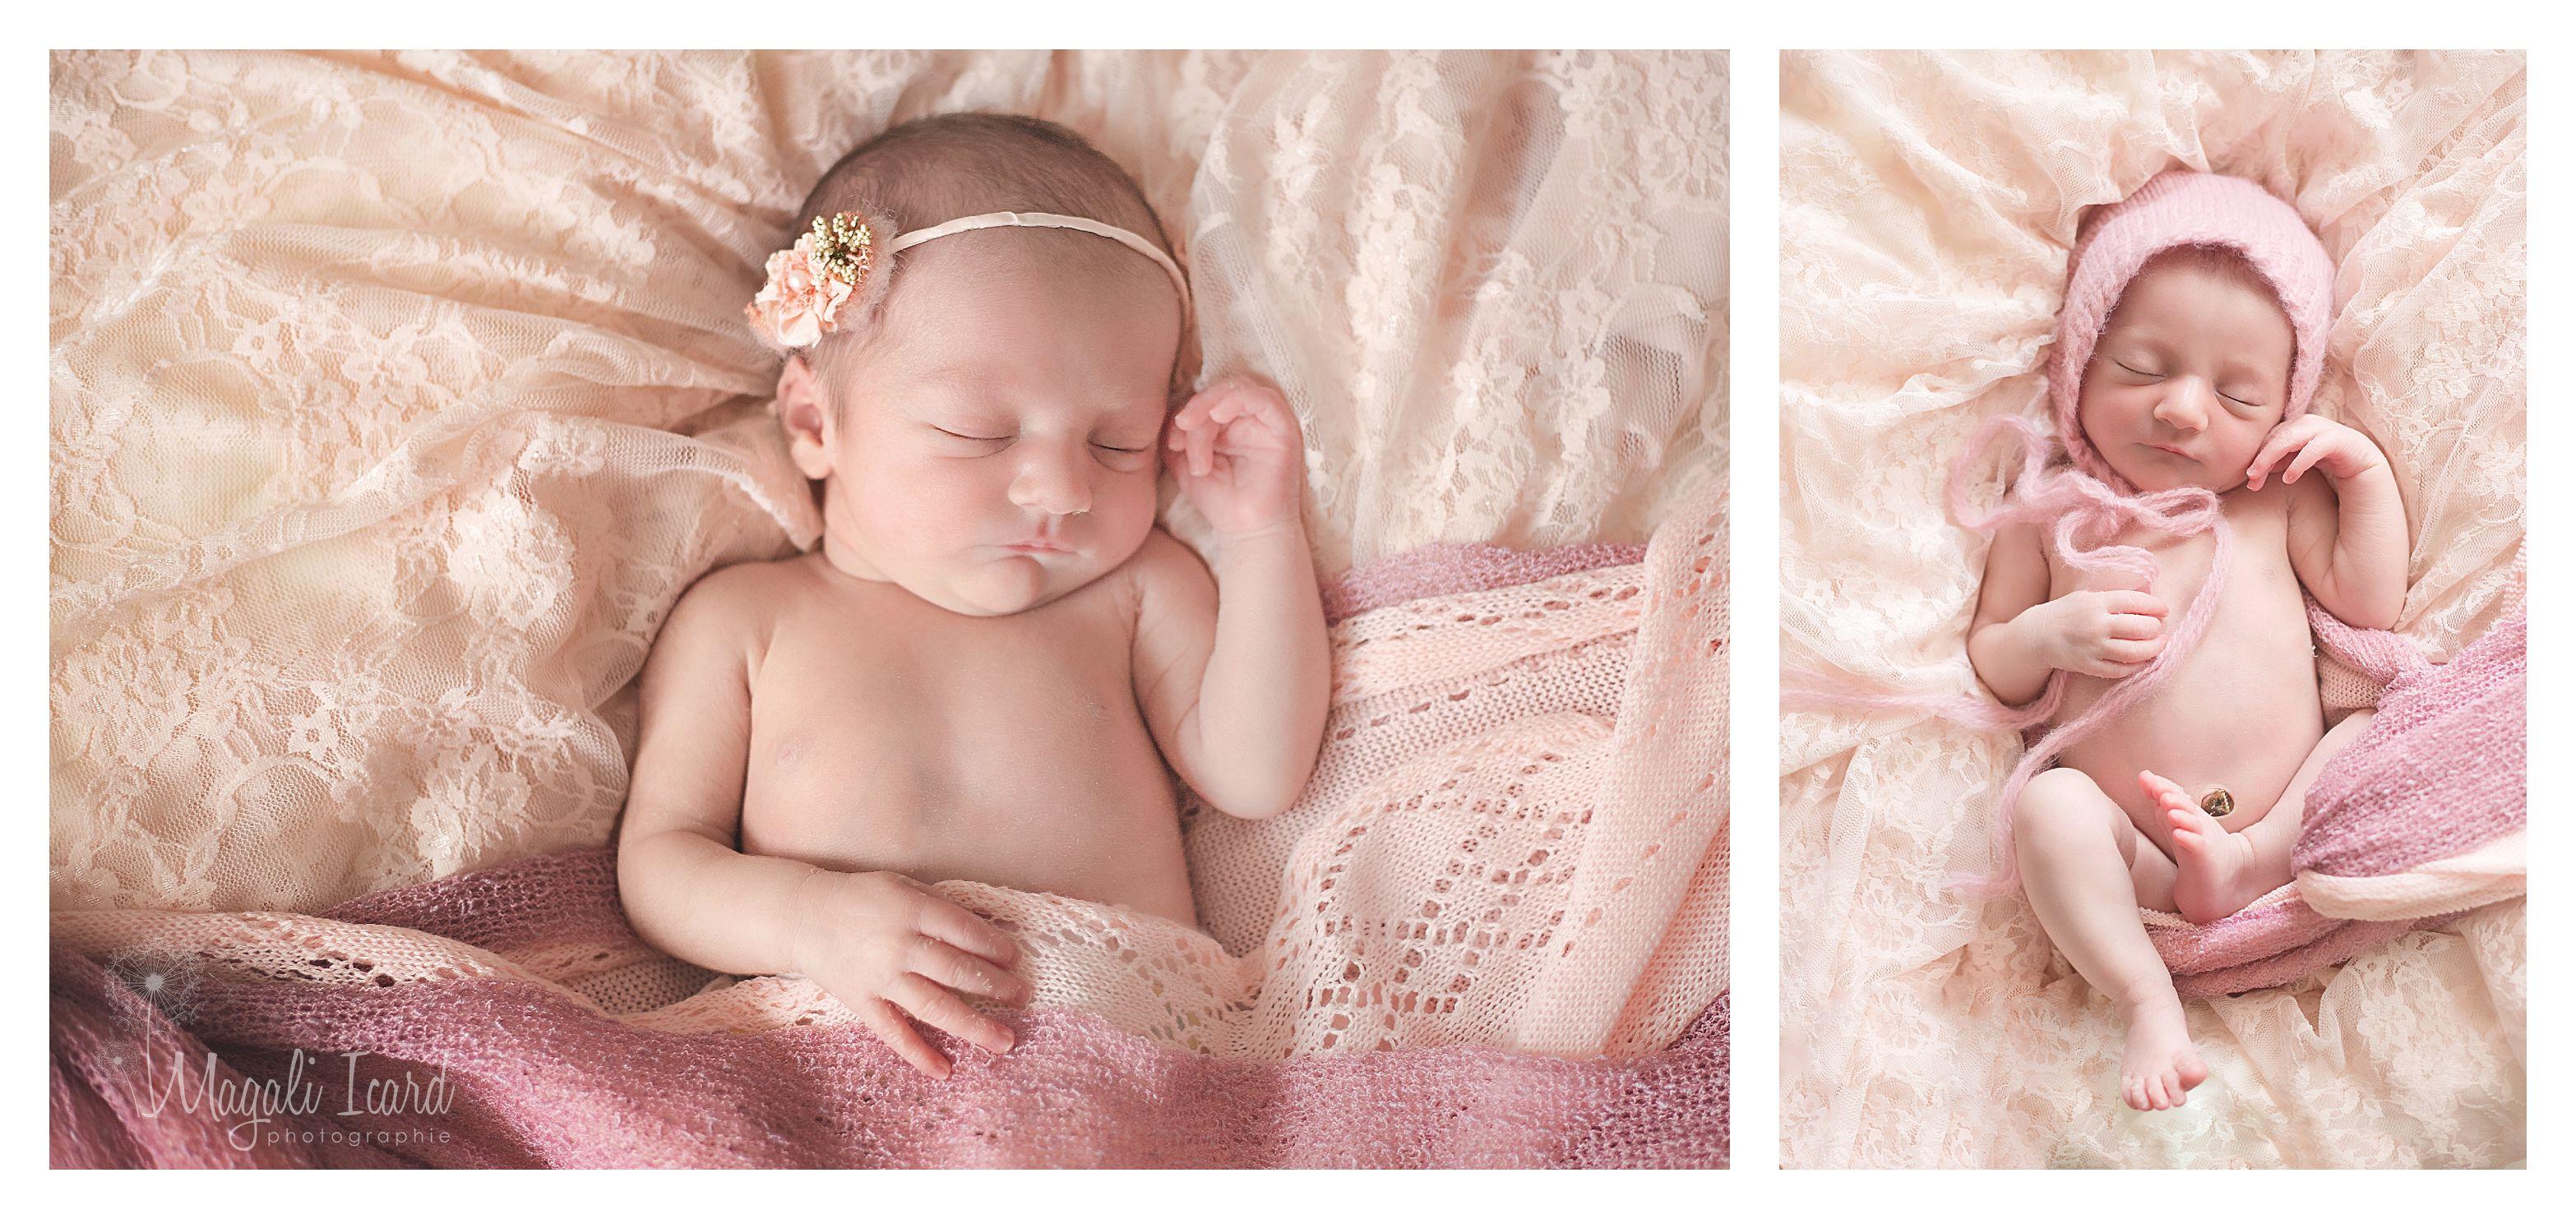 séance photo bébé fille ardèche